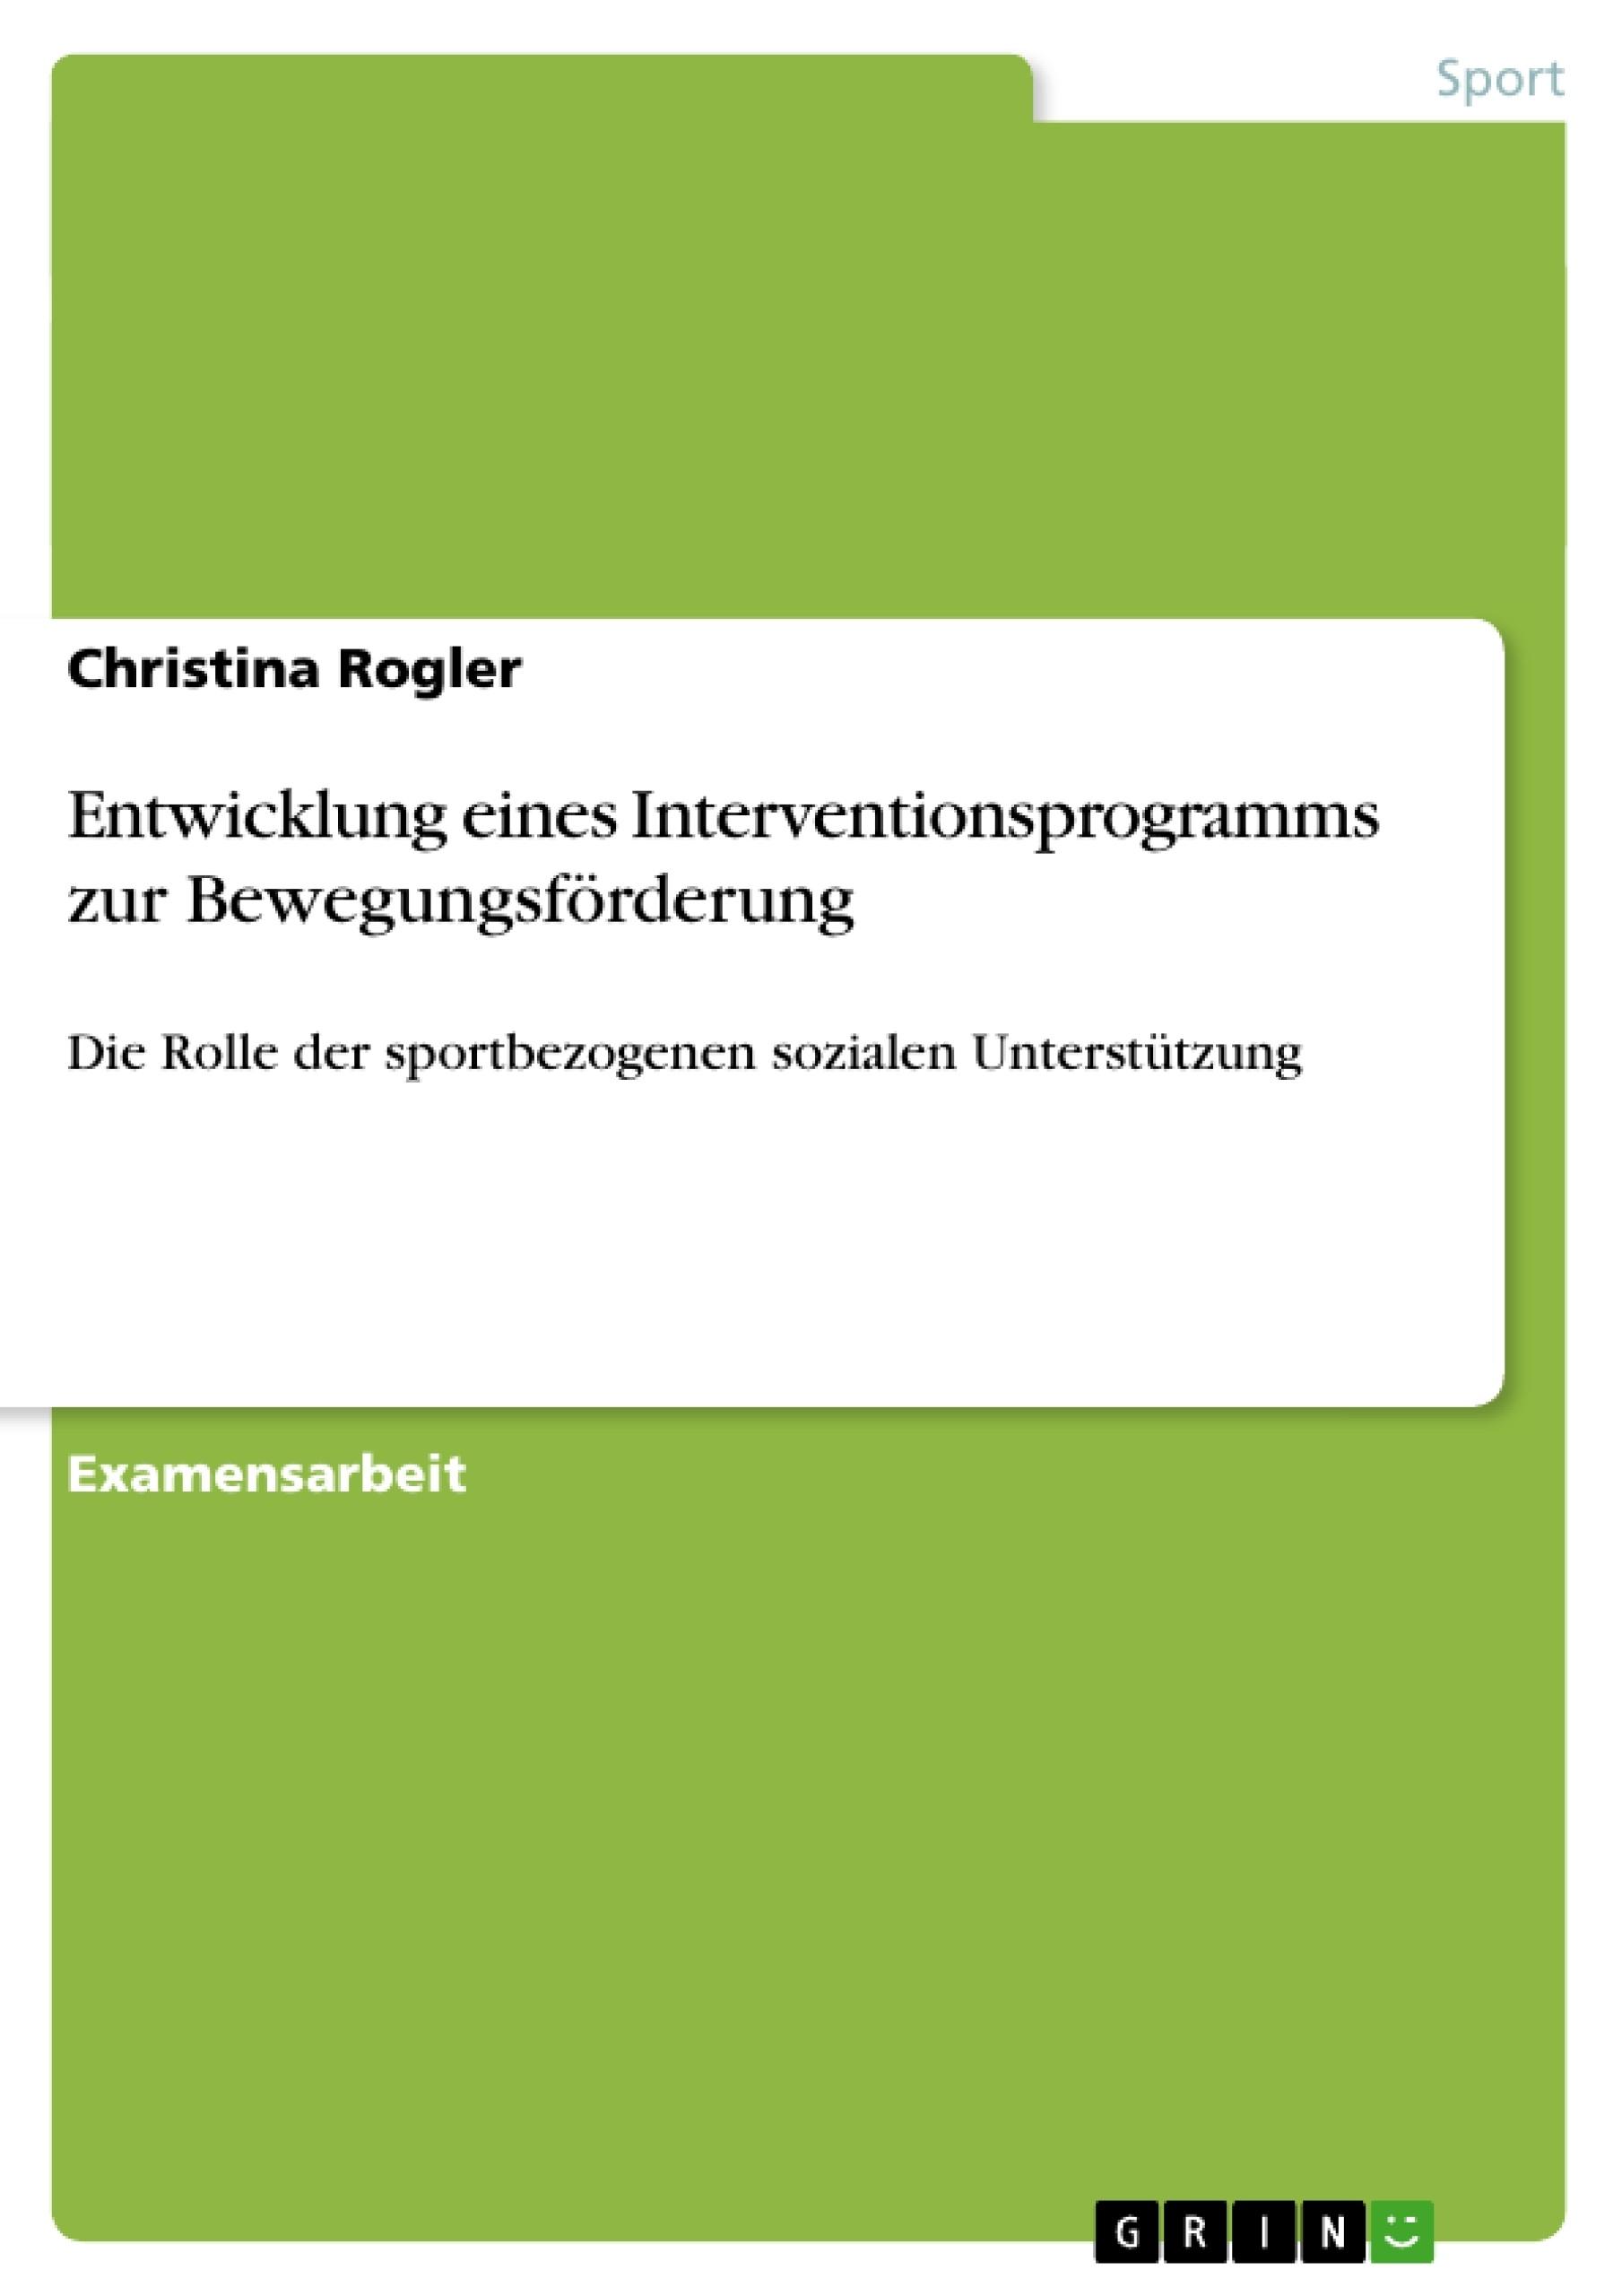 Titel: Entwicklung eines Interventionsprogramms zur Bewegungsförderung